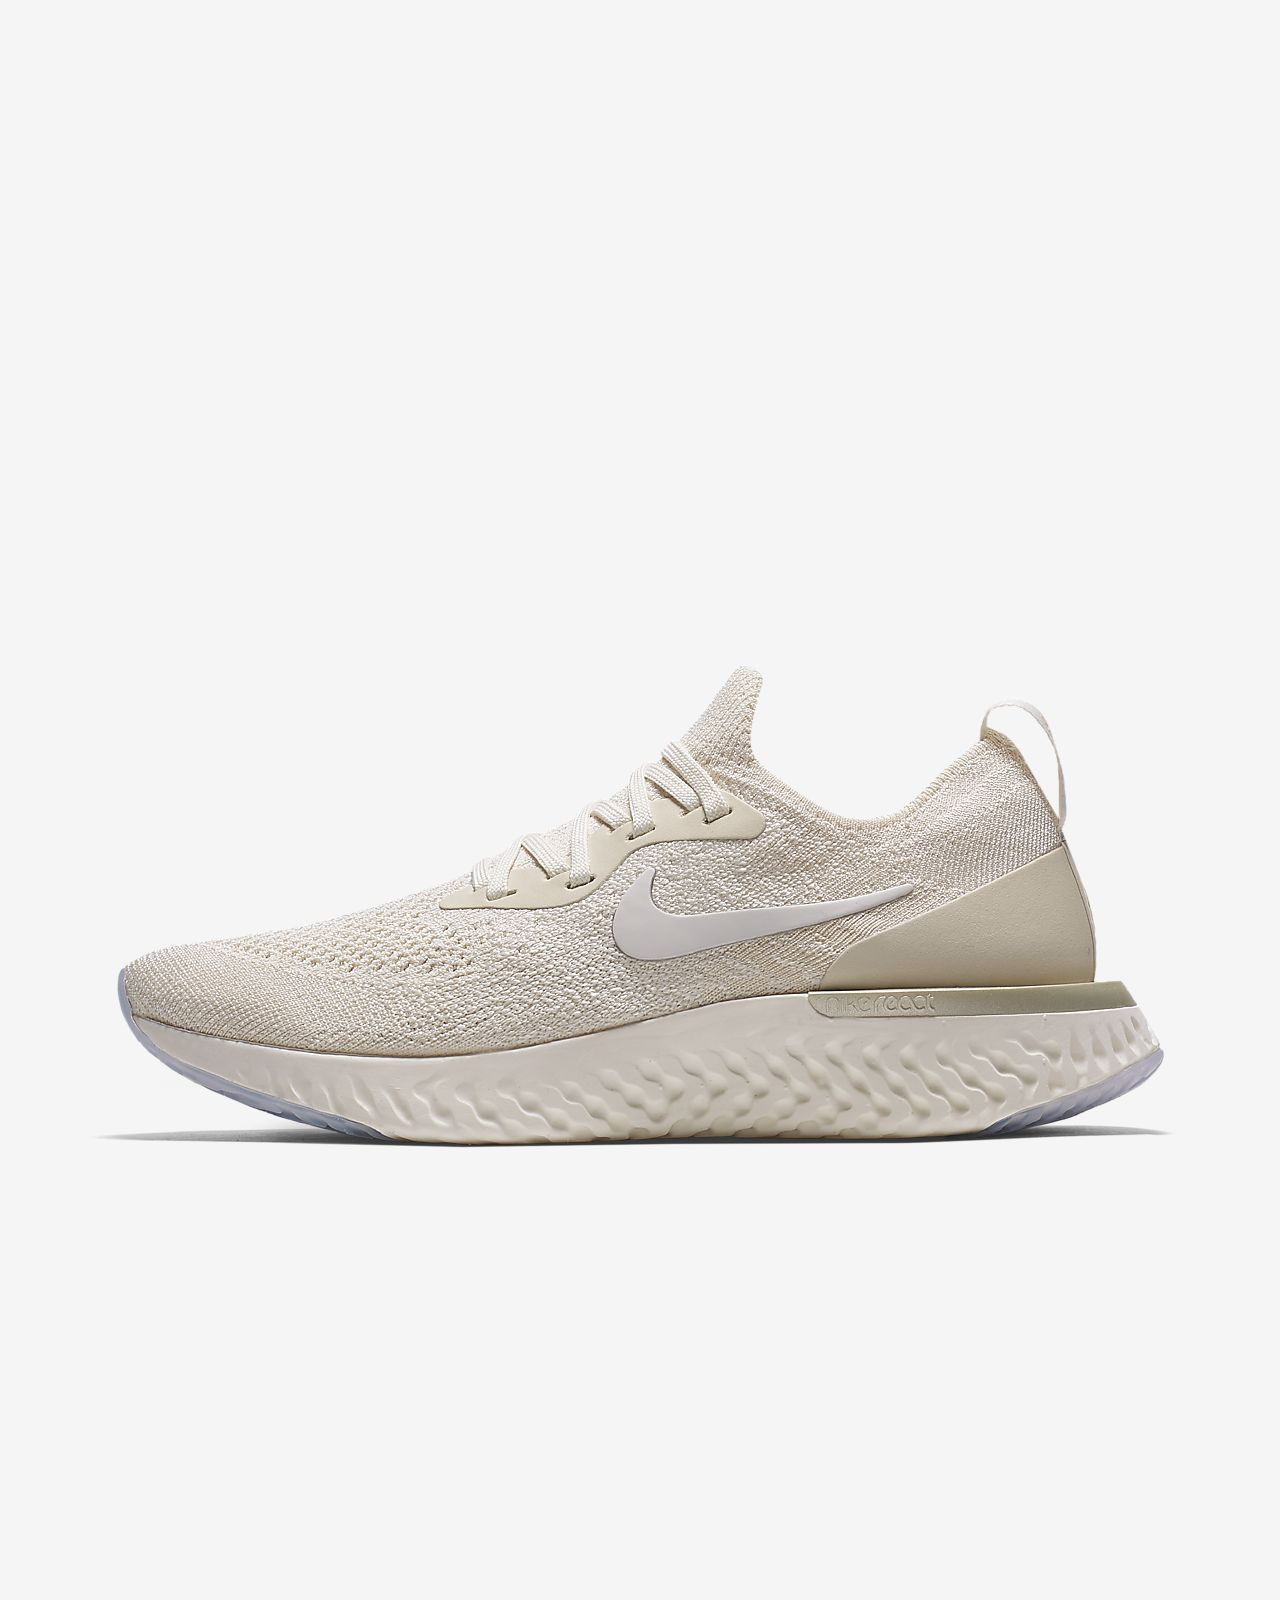 Nike Épique Flyknit W Chaussures Réagissent Baskets Lo Rose Rose P641GSFTu